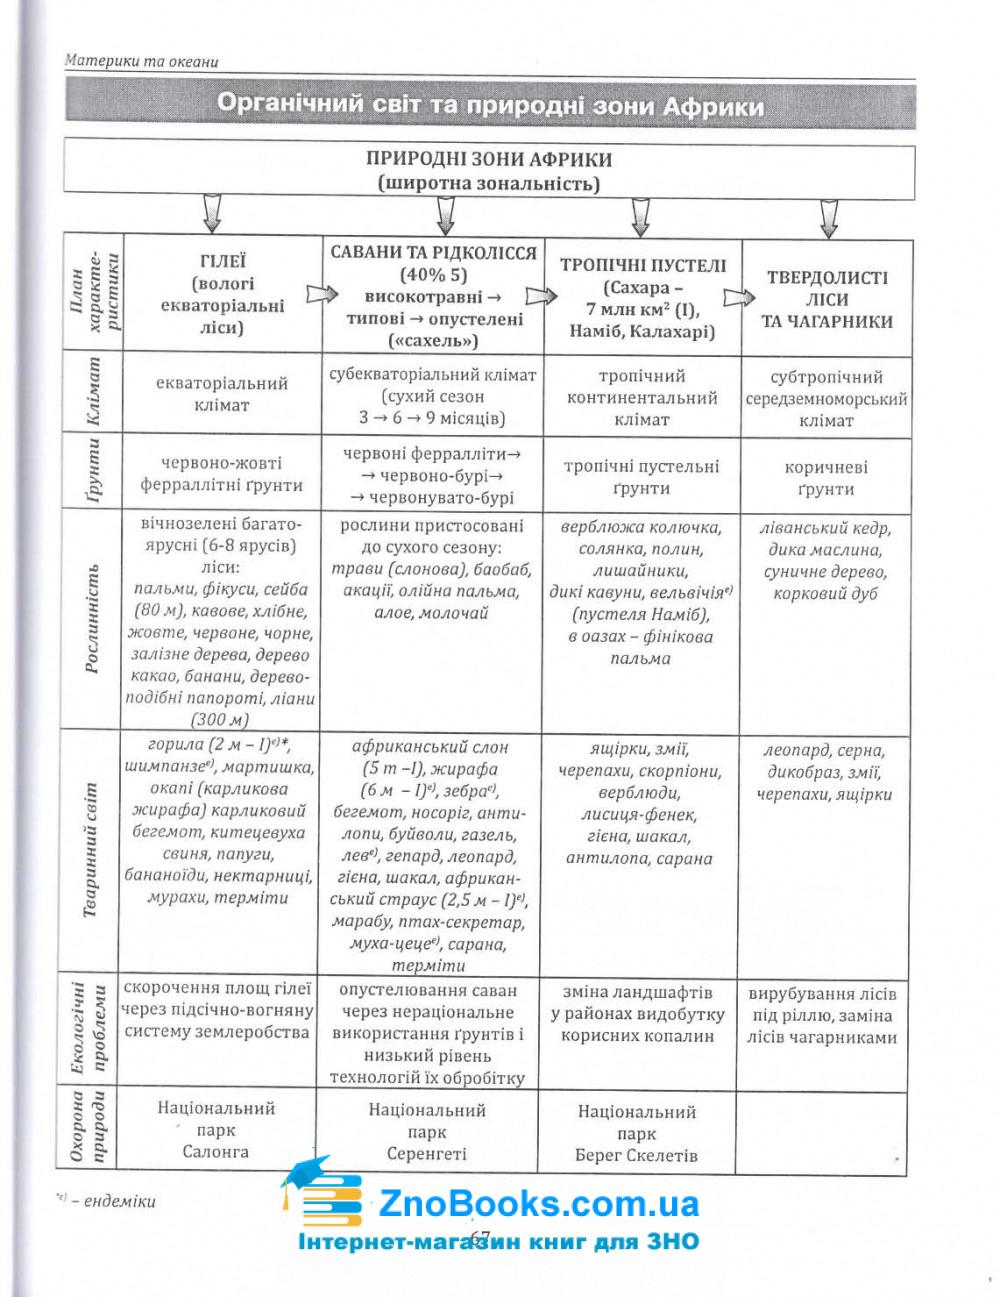 Опорні схеми, таблиці та картосхеми з географії до ЗНО : Кобернік С., Коваленко Р. купити 8